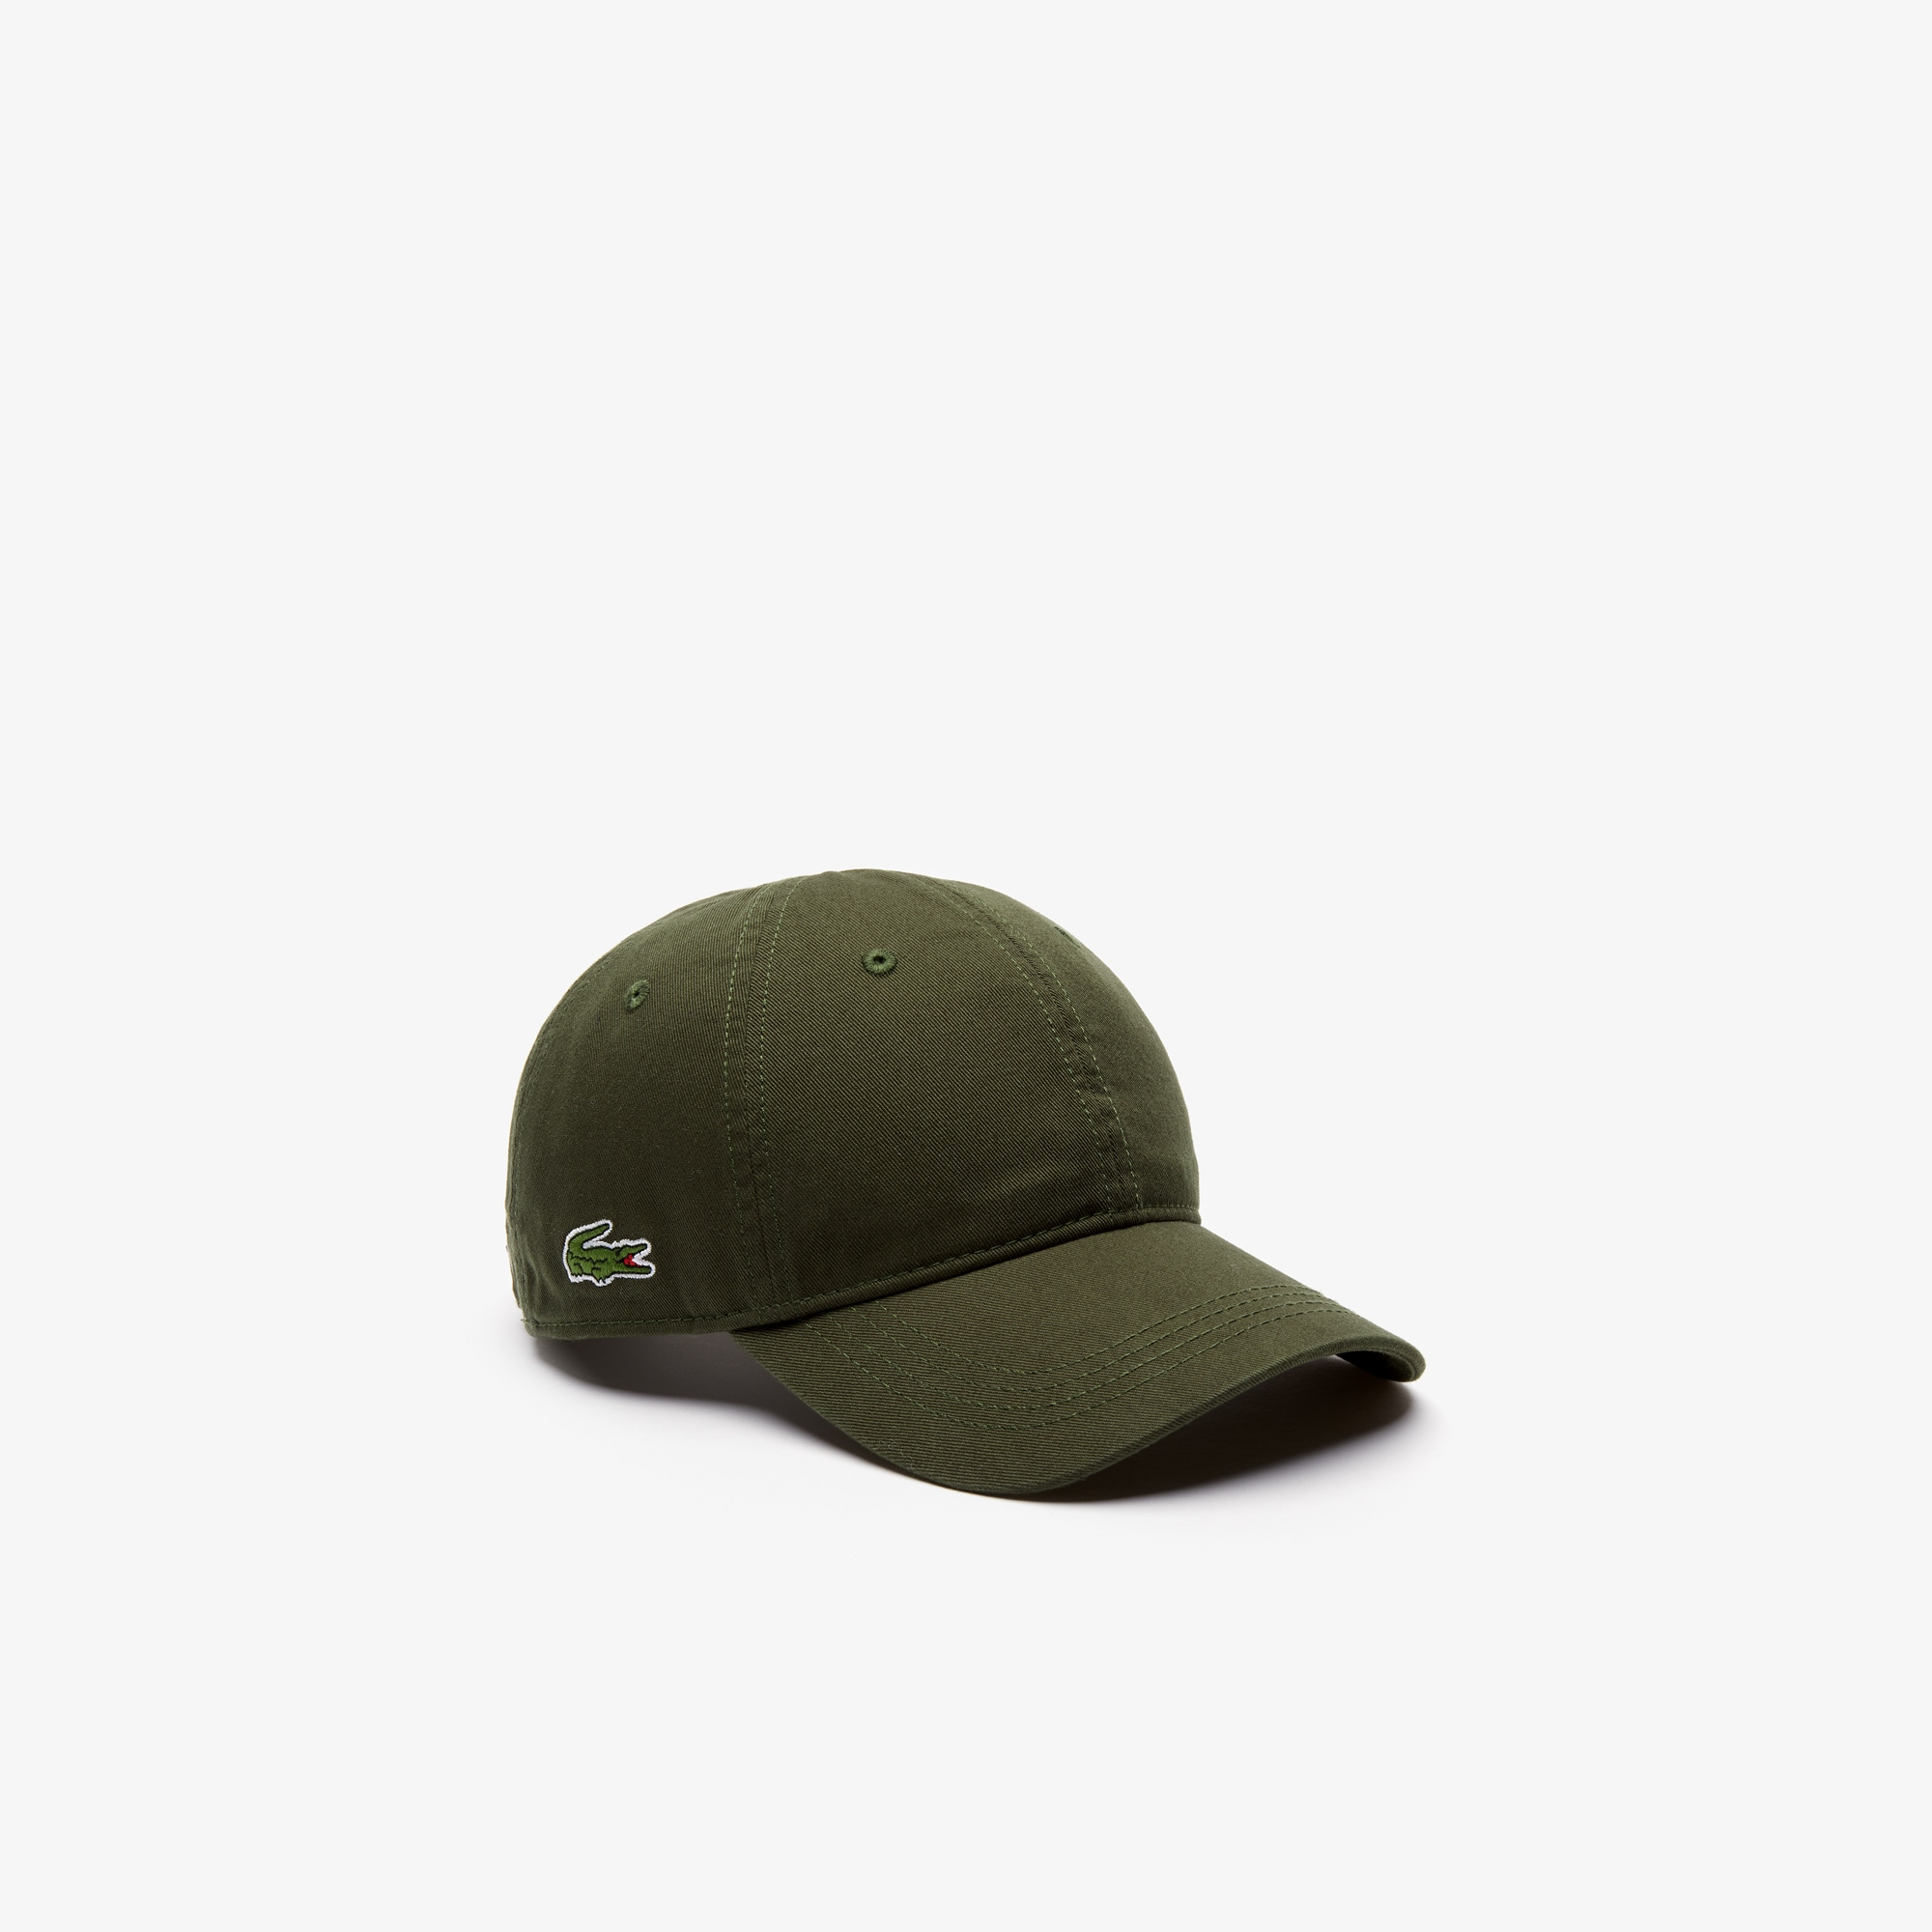 98bf6f11b84 Caps   Hats